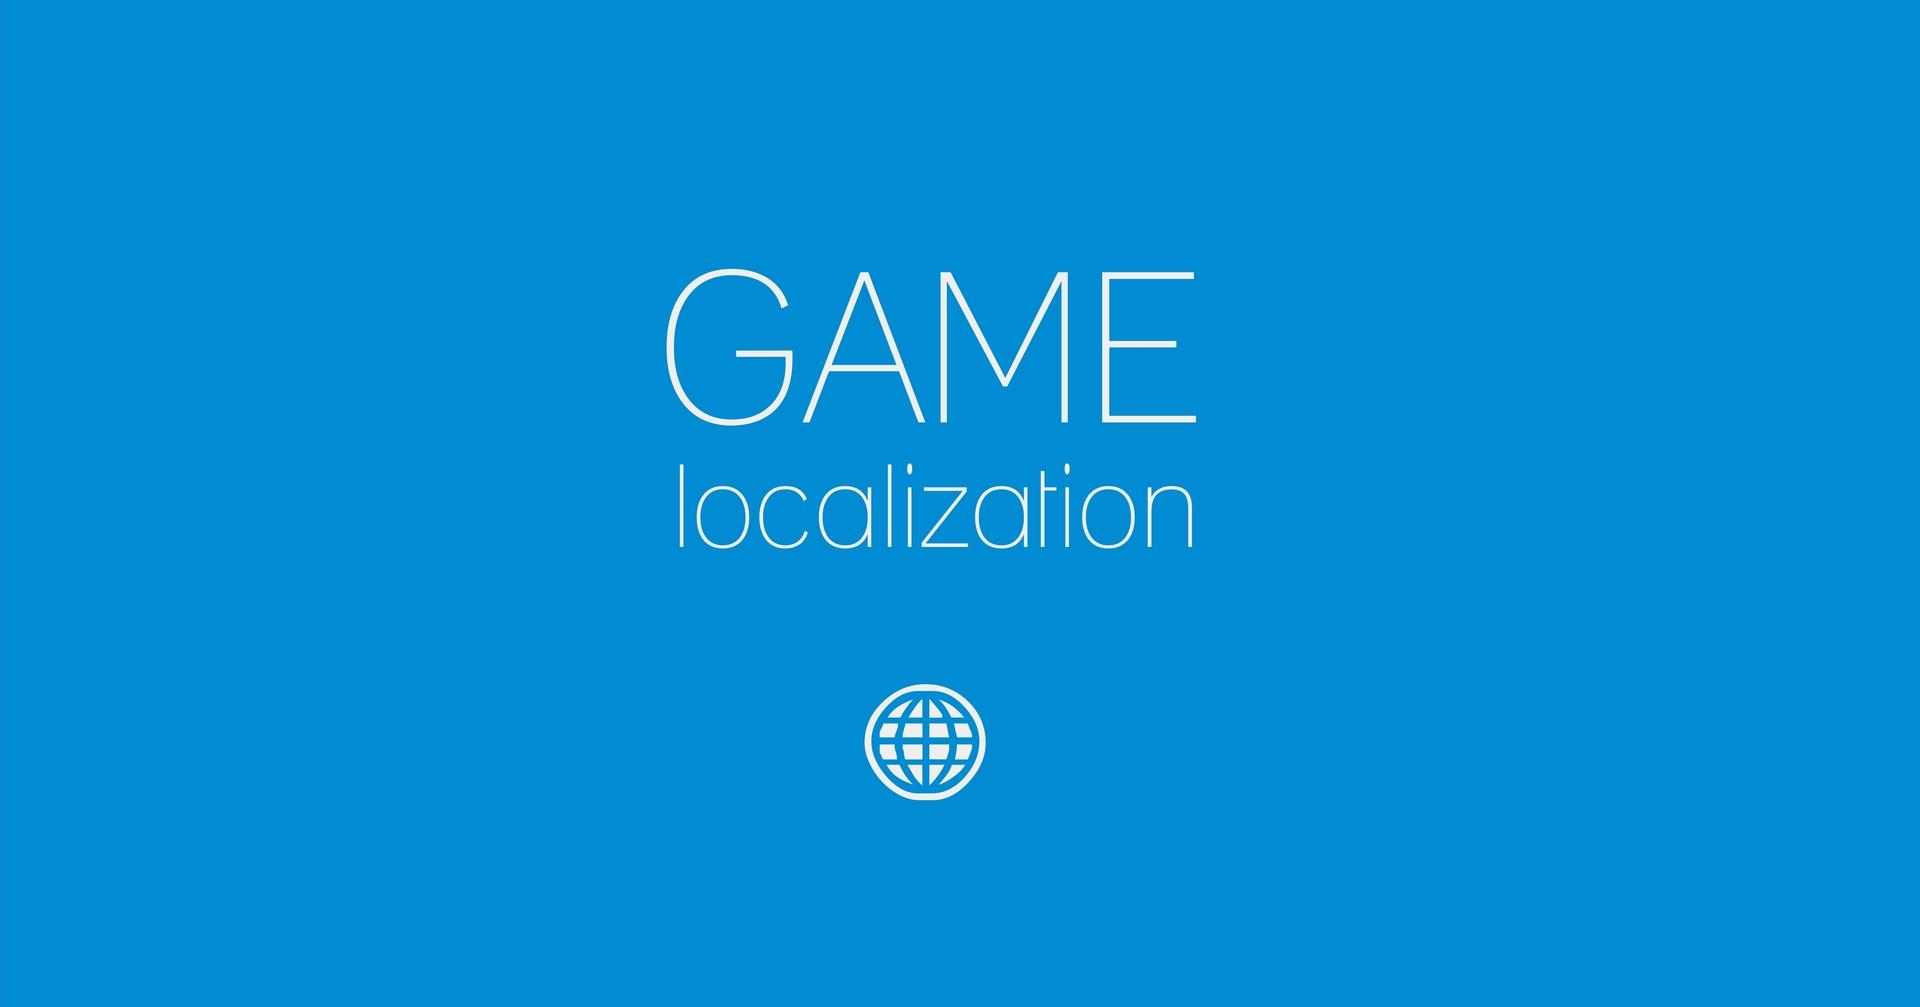 Переведено профессиональными программистами, или Трудности игровой локализации